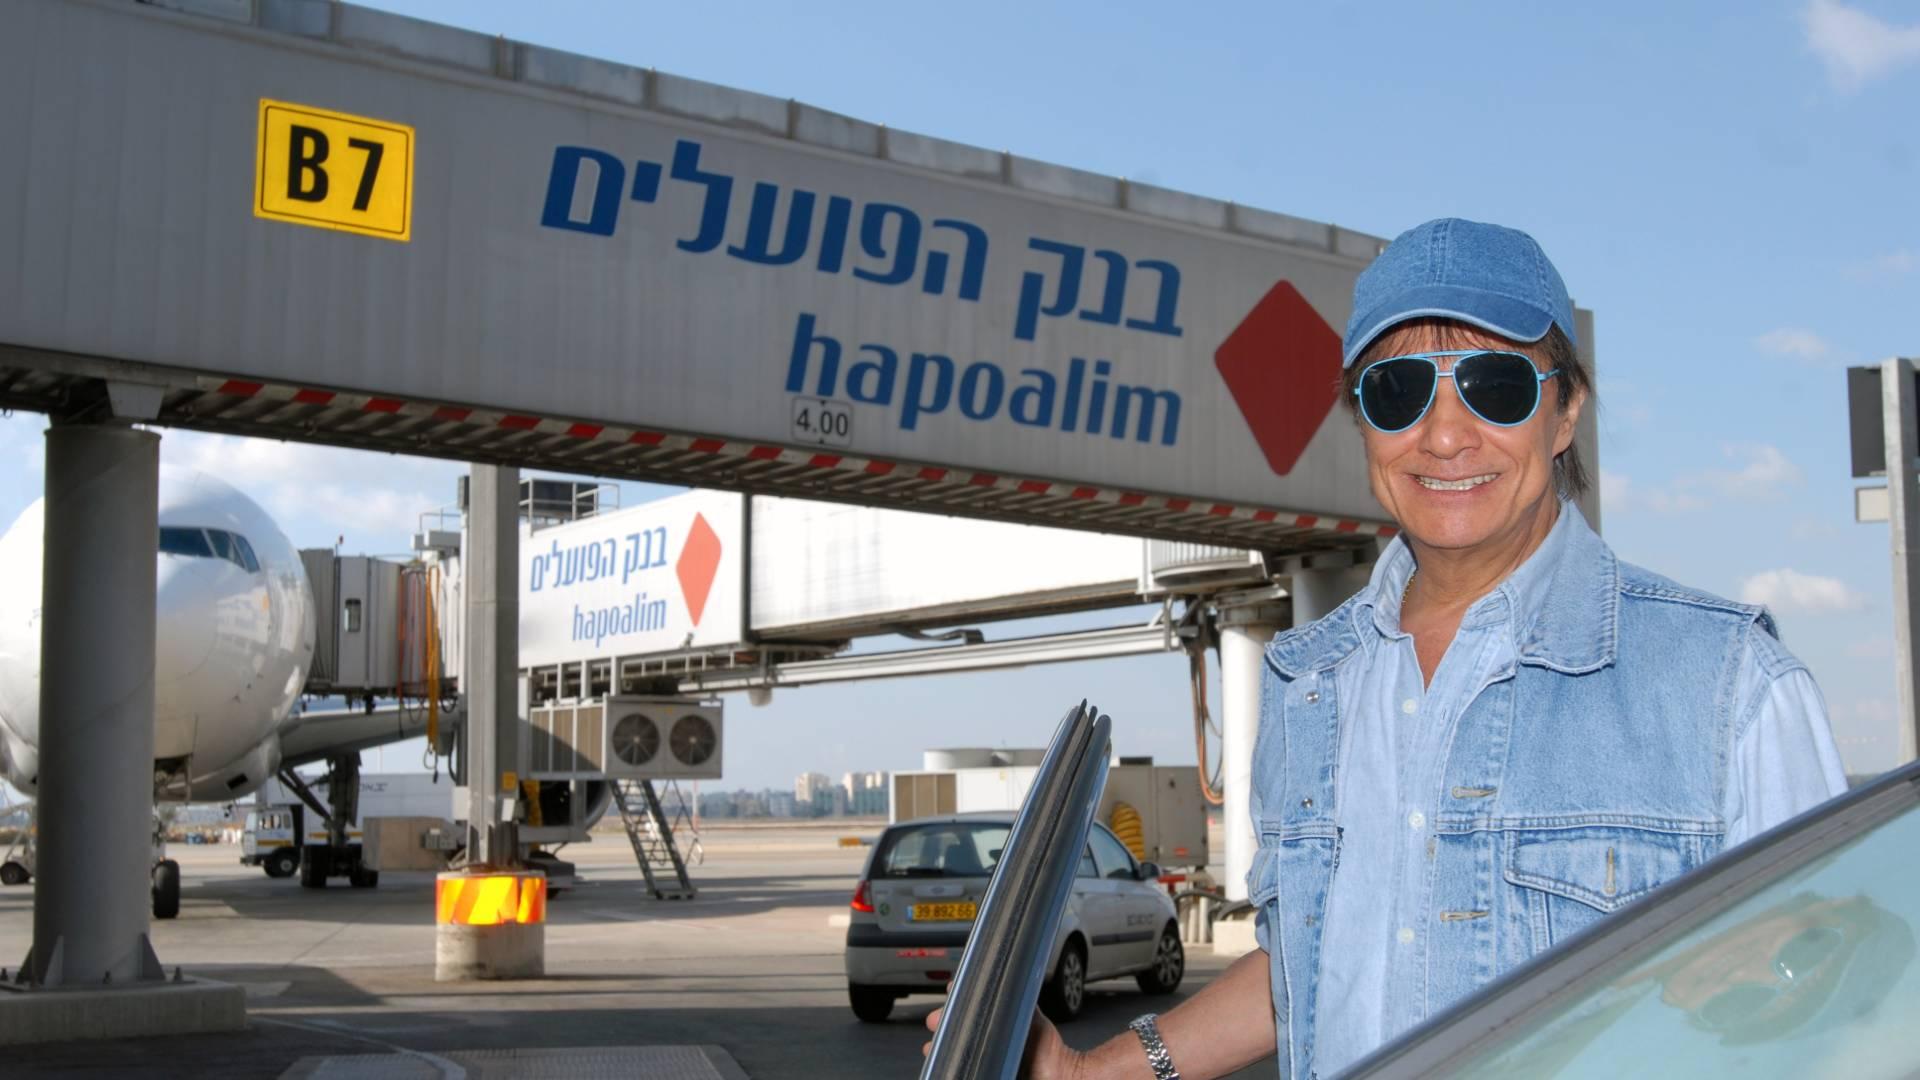 Roberto Carlos posa para foto no aeroporto de Jerusalém (30/8/2011)